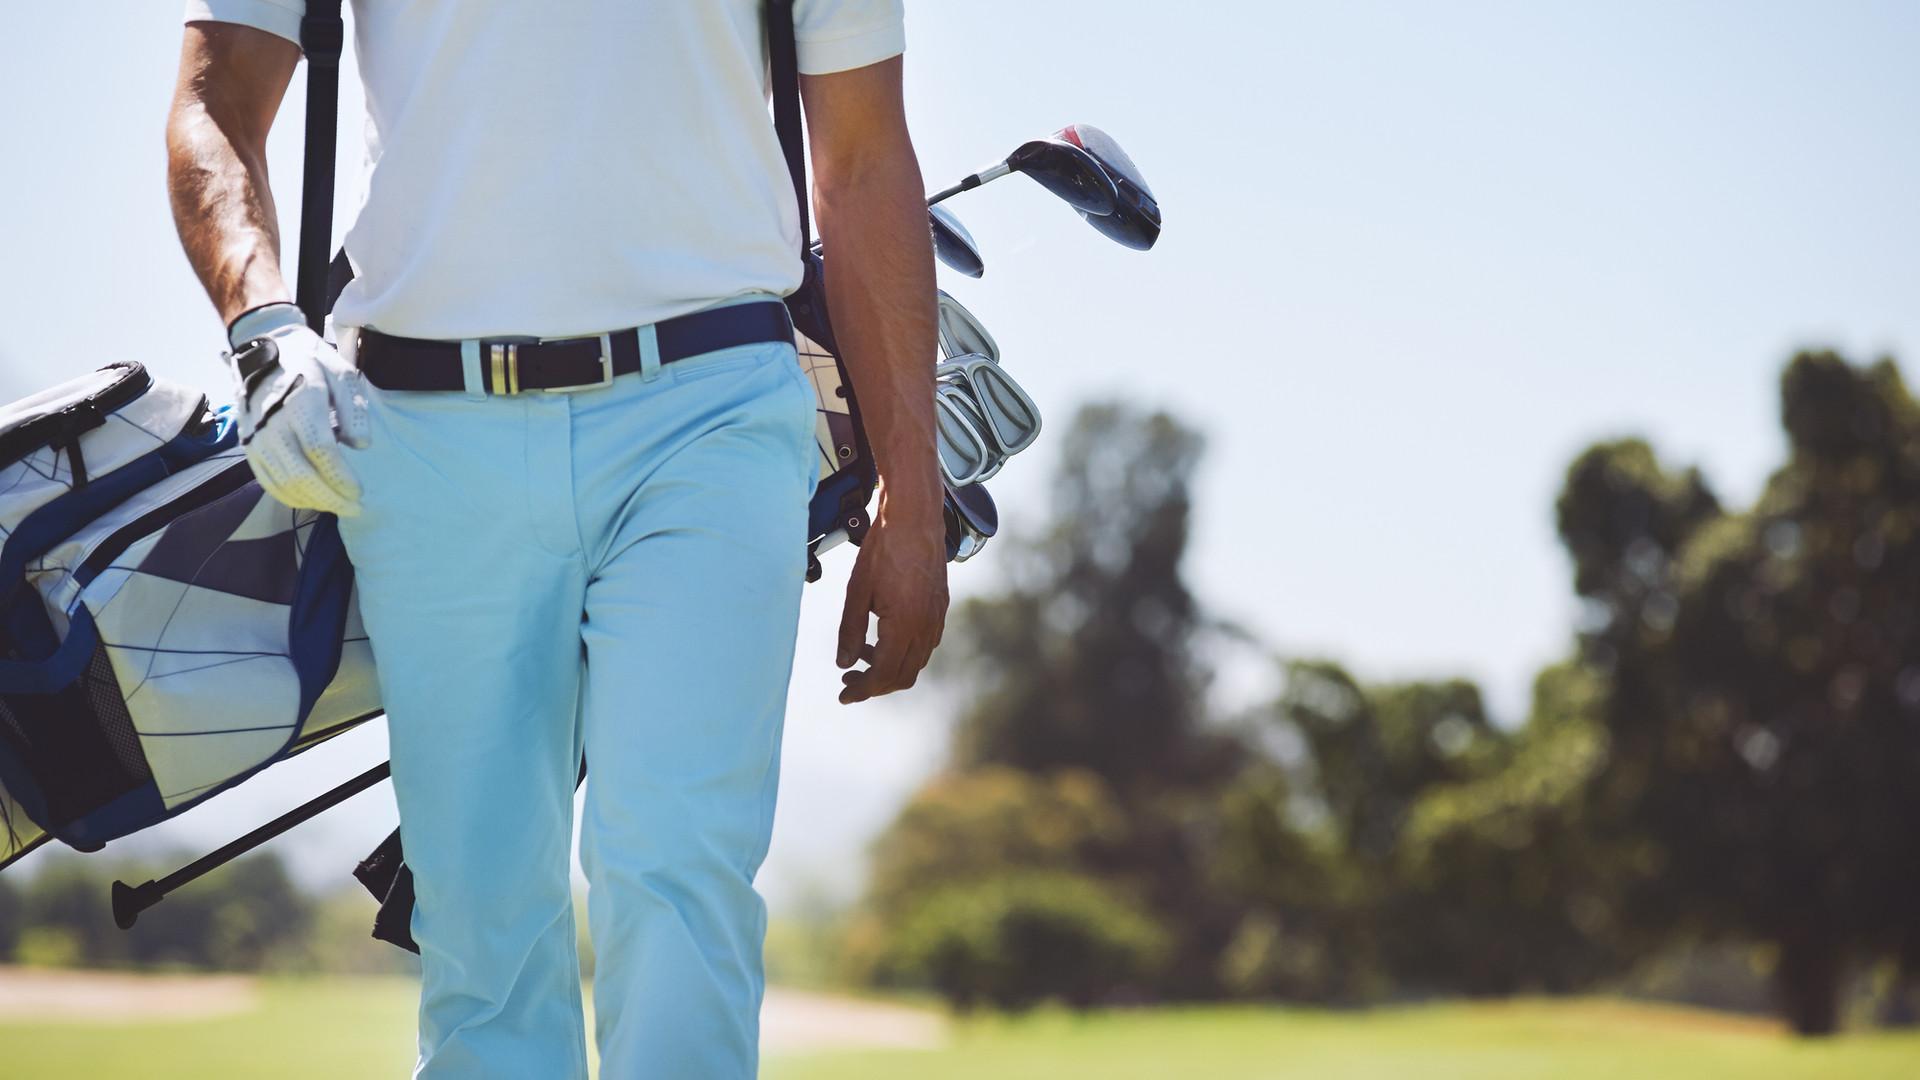 Golfing pain free